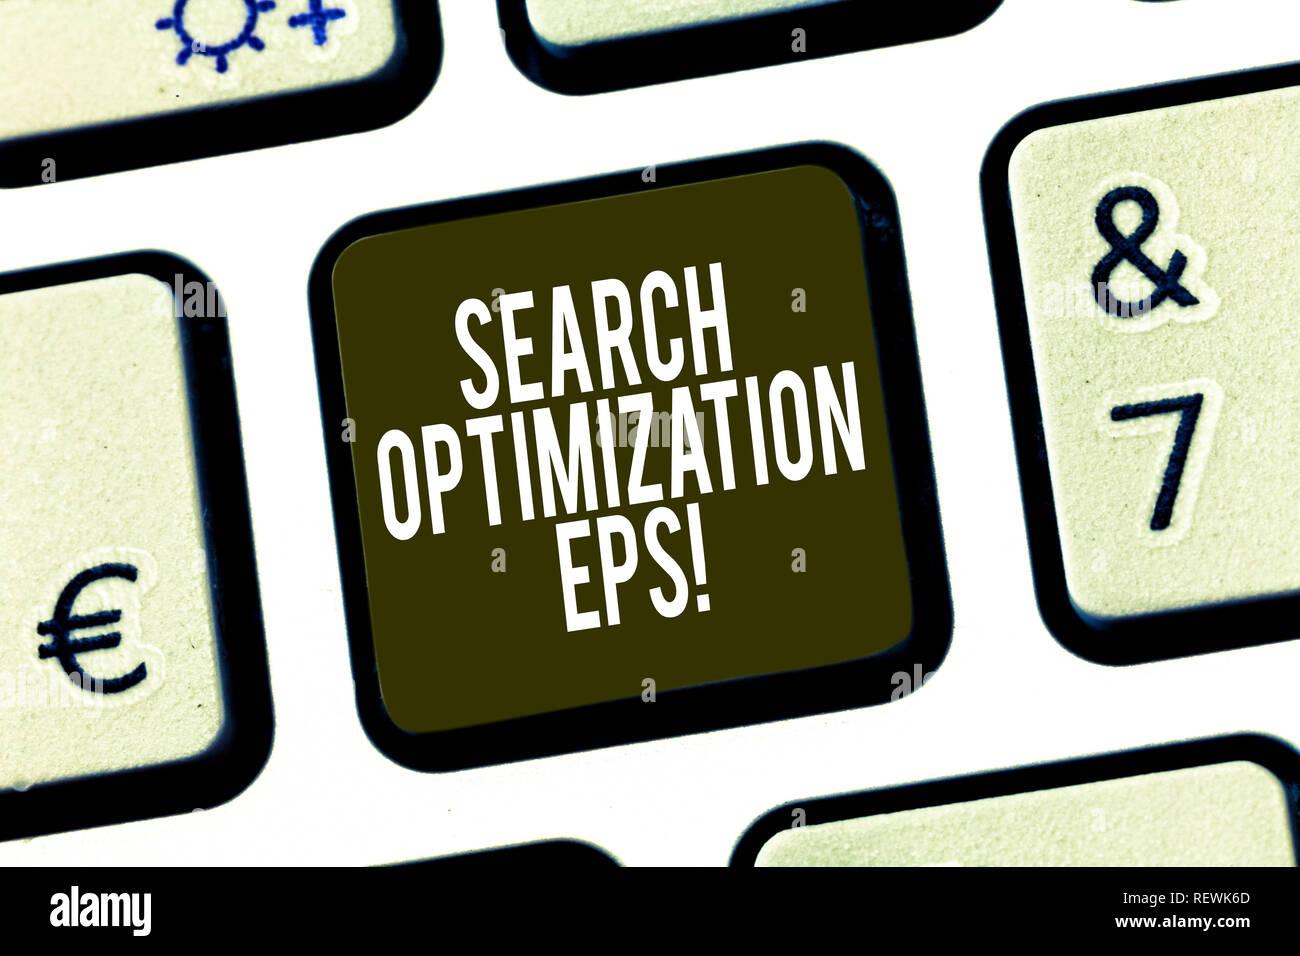 Konzeptionelle Hand schreiben Übersicht Suche Optimierung Eps. Business foto Präsentation Prozess, die sich auf die Sichtbarkeit einer Website Taste der Tastatur Intentio Stockbild